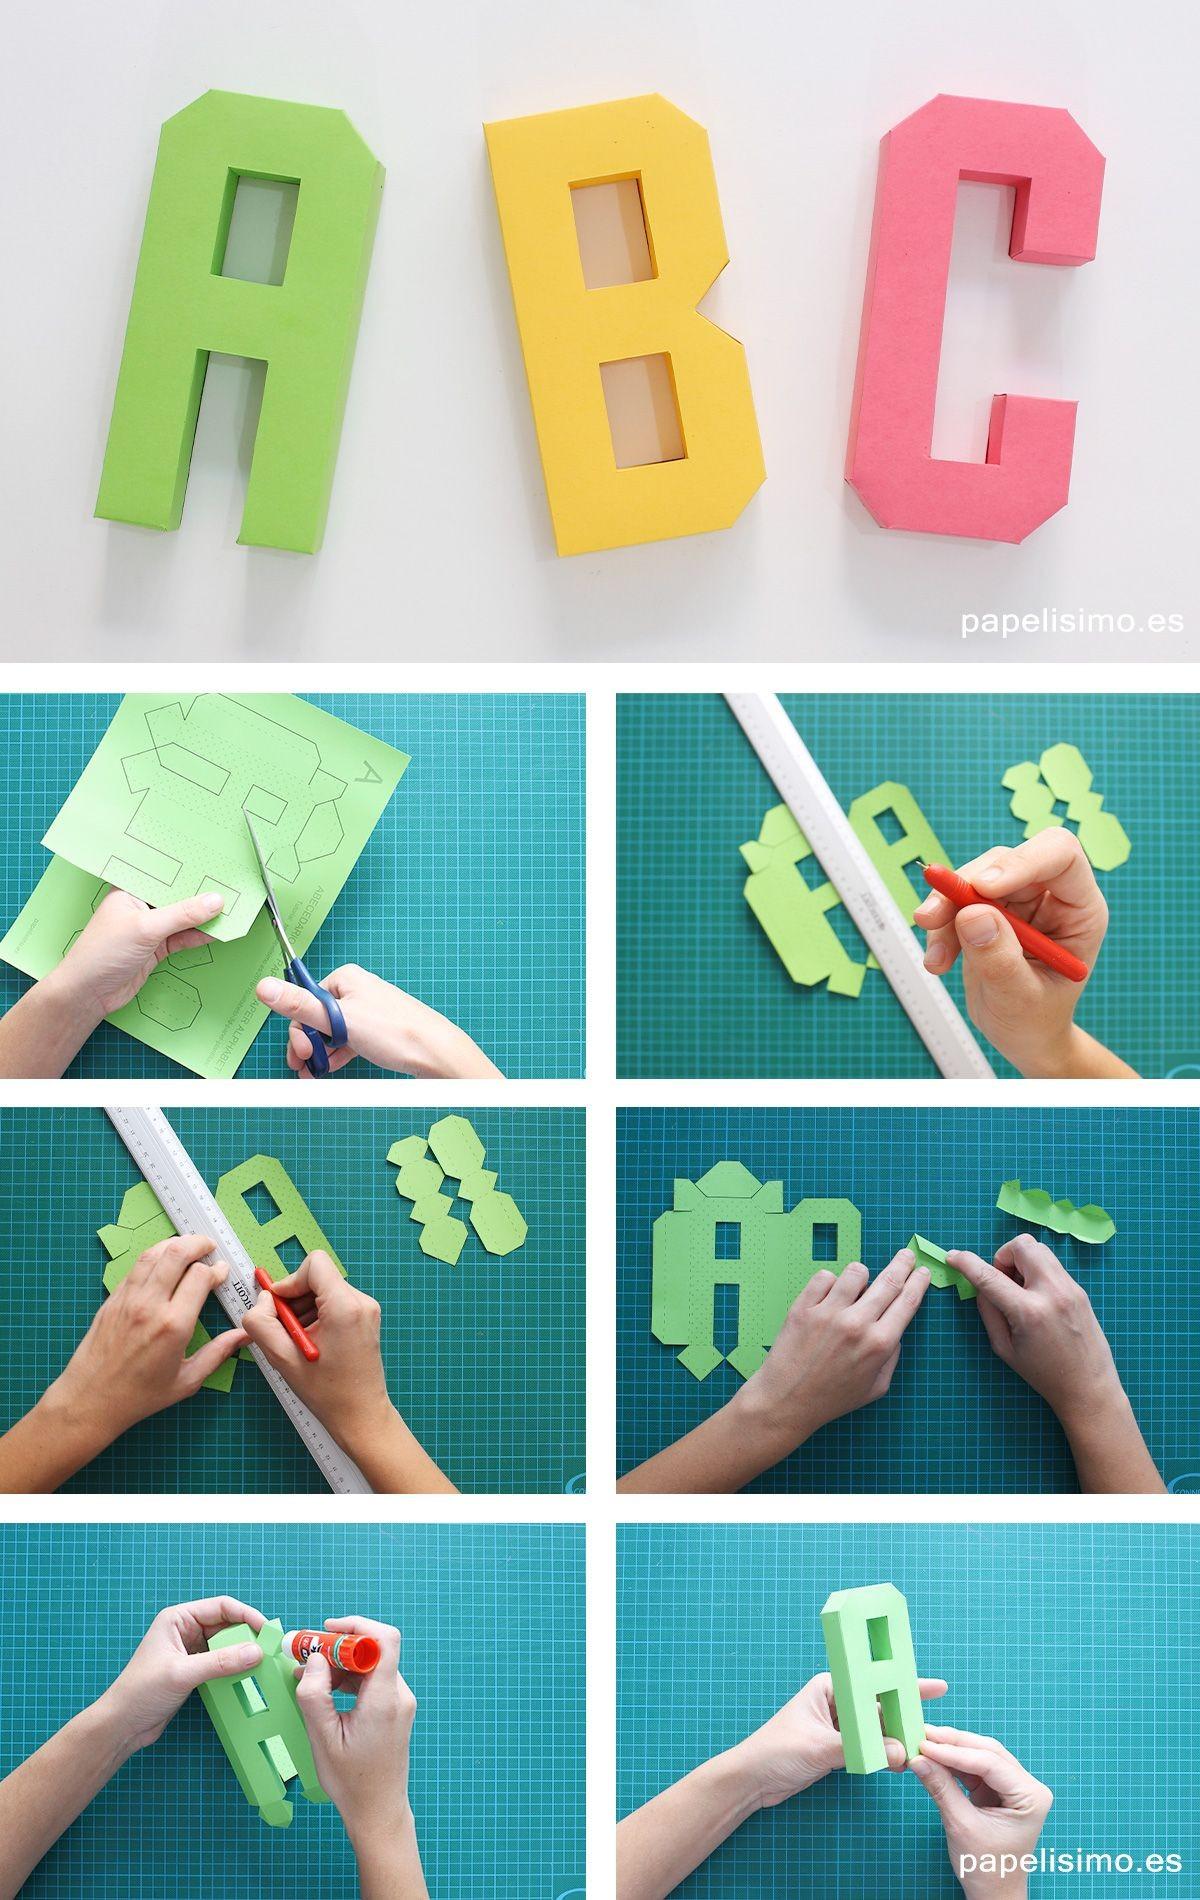 Papercraft Alphabet Abecedario Letras De Papel 3d Paper Alphabet Letters …